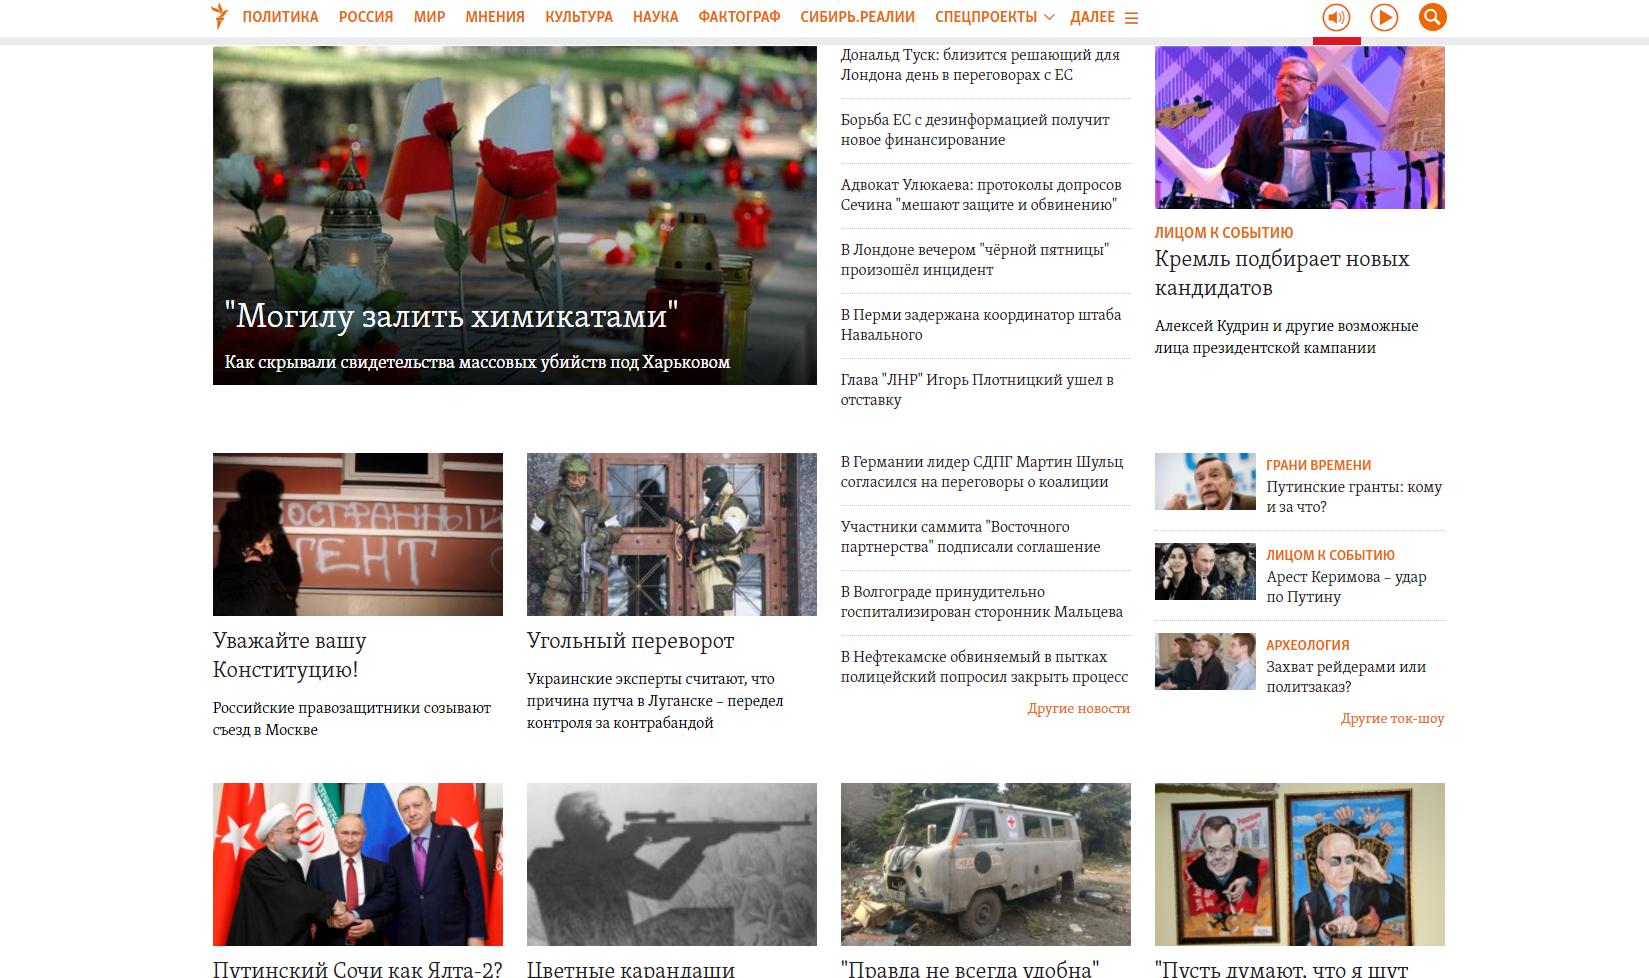 Capture d'écran du site internet de Radio Svoboda (Radio Liberté), radio en langue russe financée par les Etats-Unis